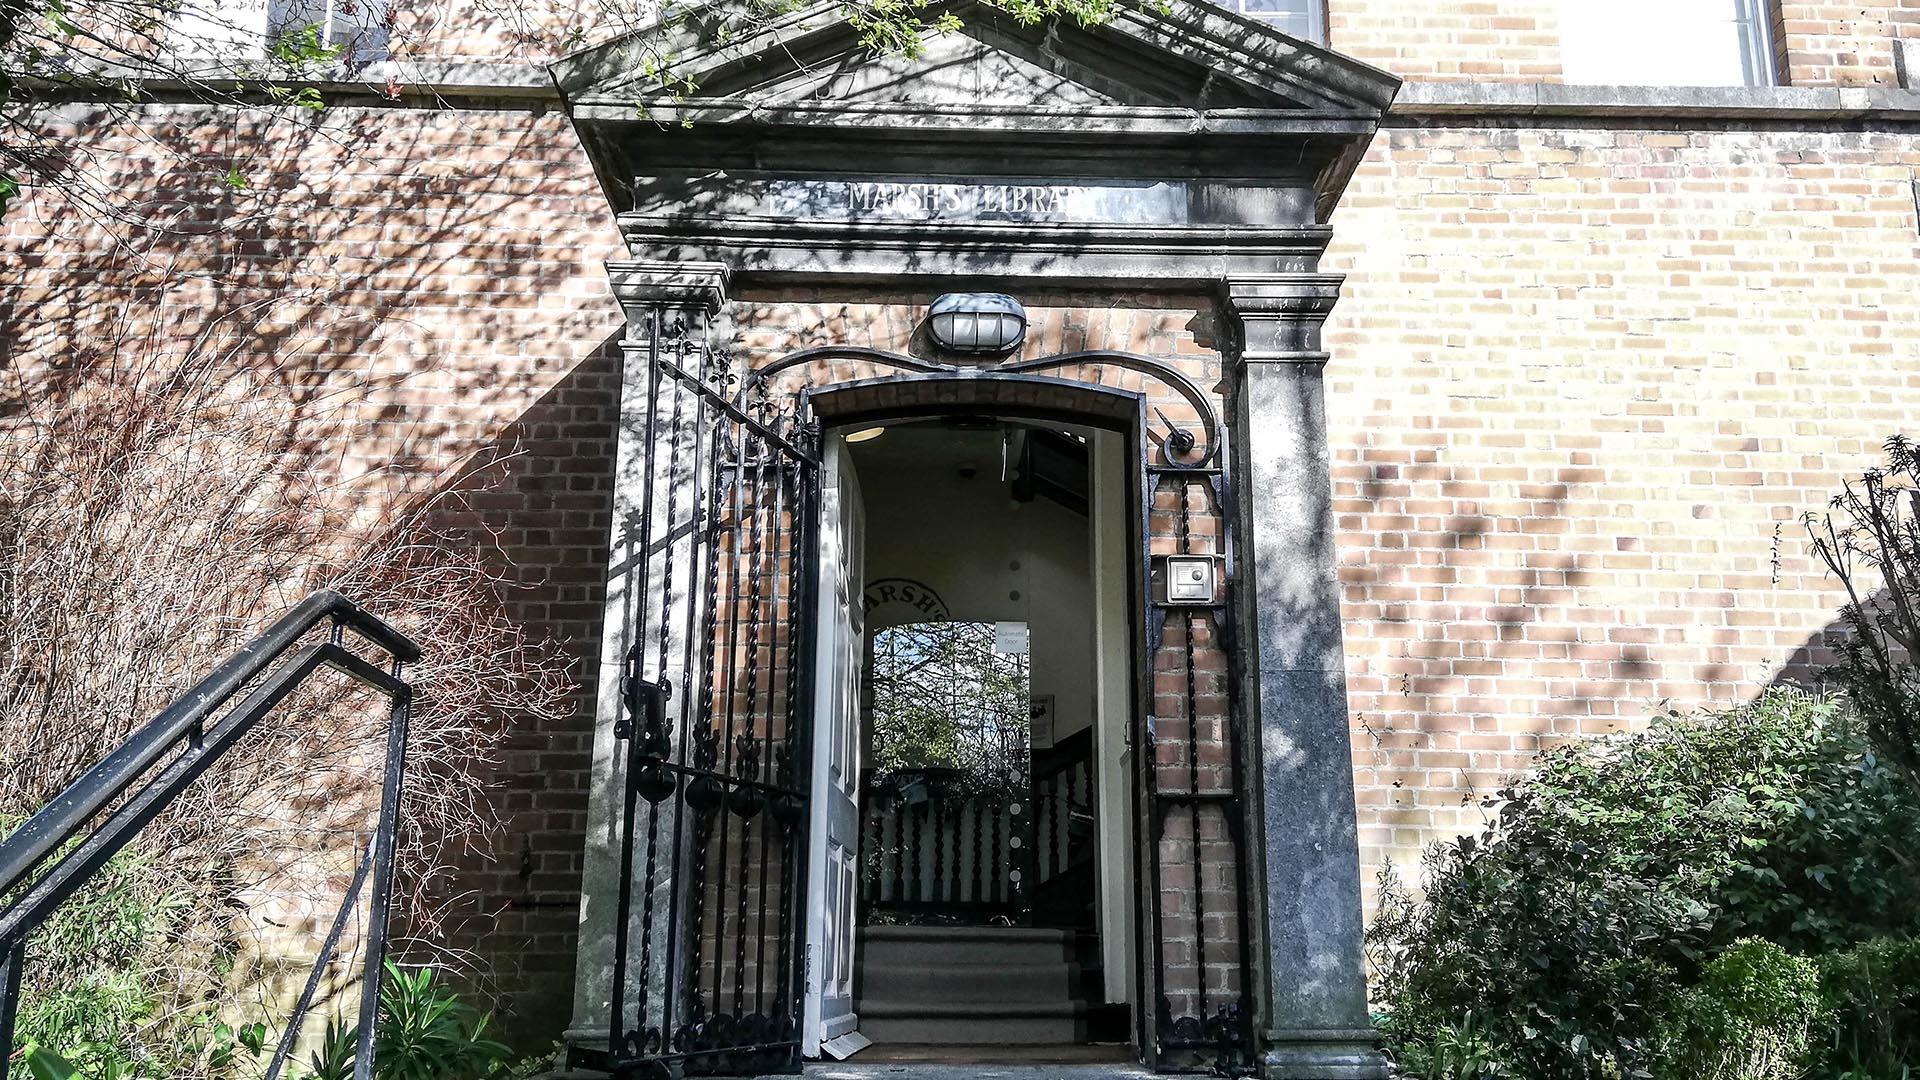 Marsh's Library, Dublín, Irlanda